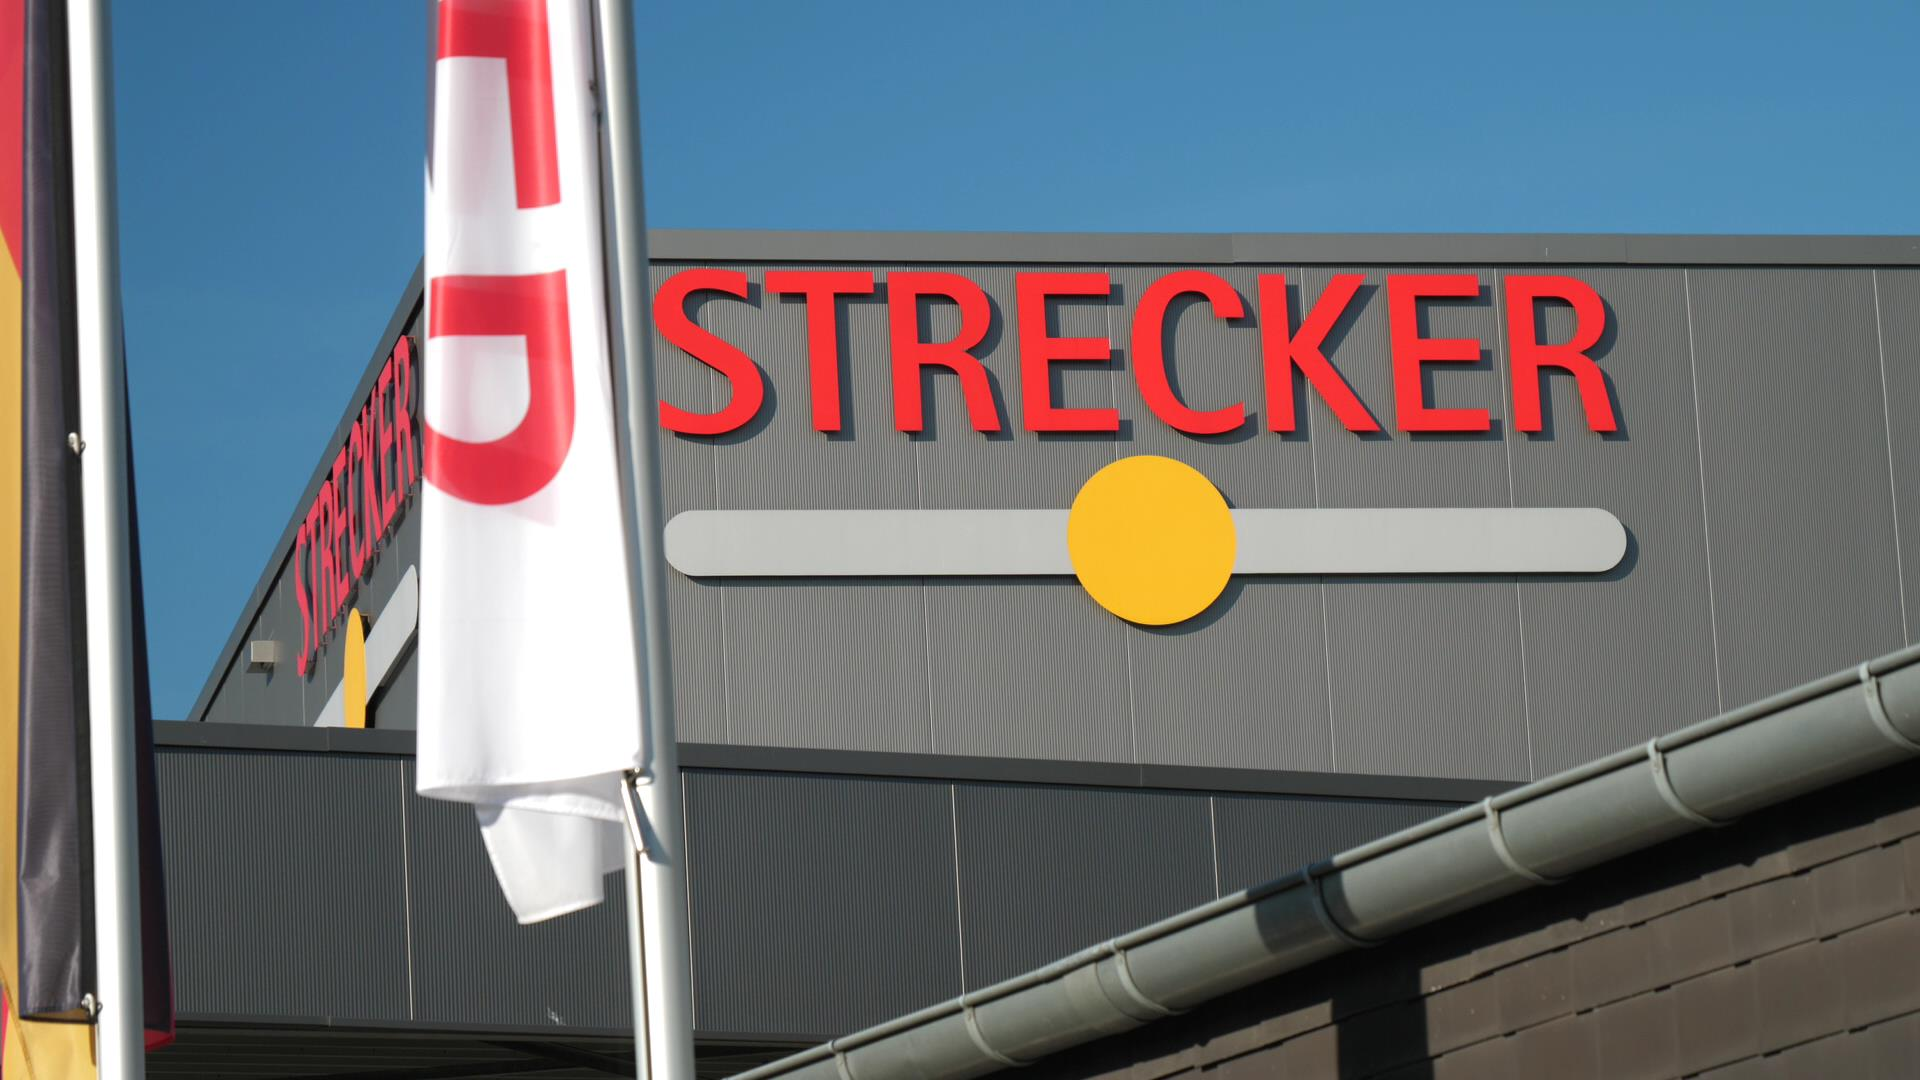 Strecker Halle